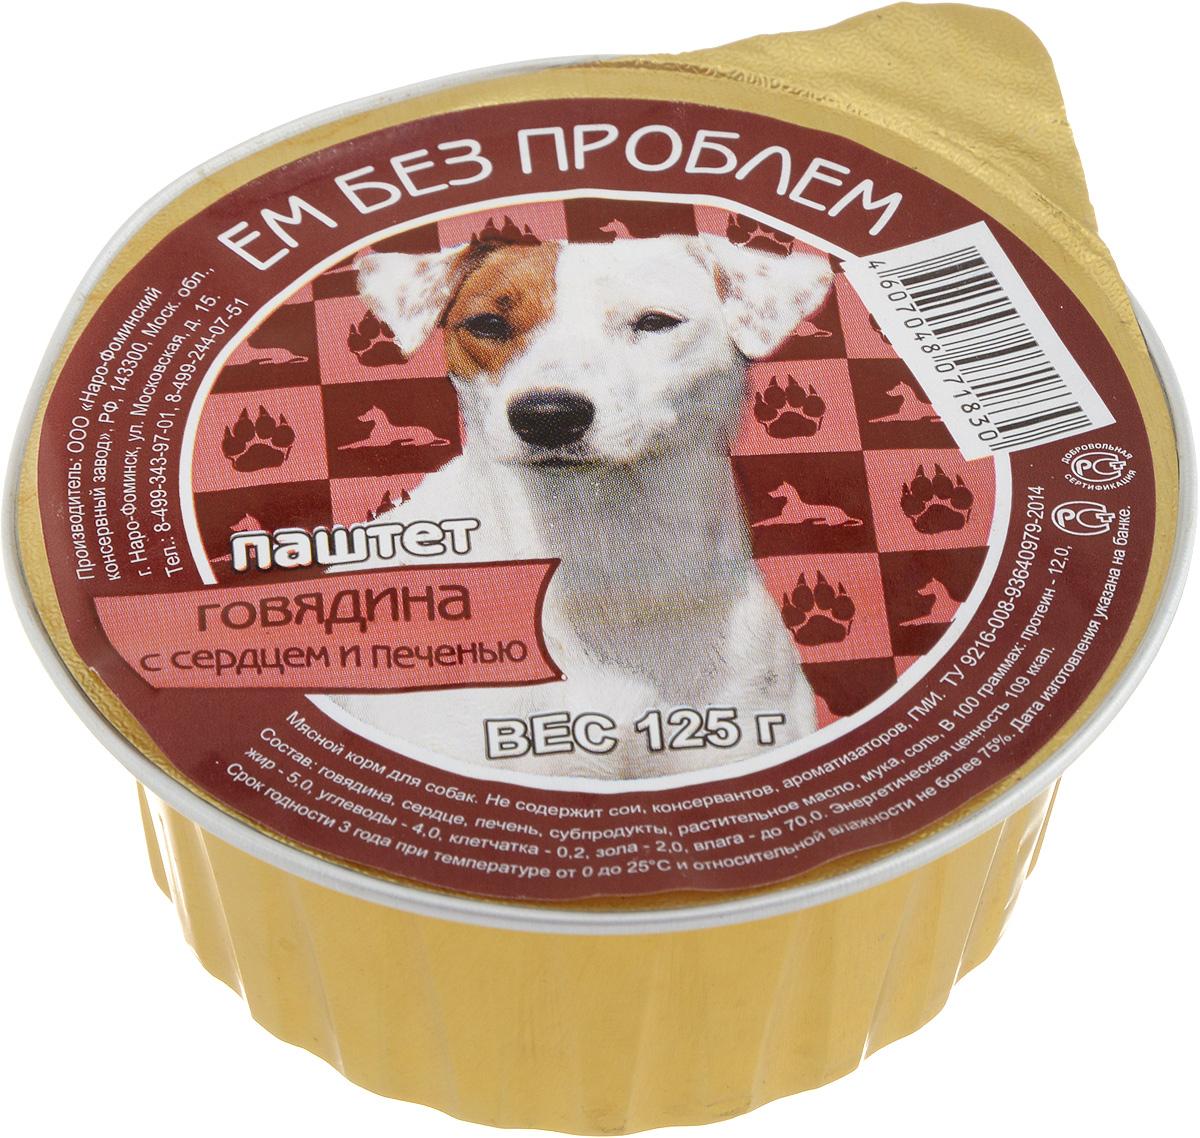 Консервы для собак Ем без проблем, паштет, говядина с сердцем и печенью, 125 г00-00001461Мясные консервы для собак Ем без проблем изготовлены из натурального российского мясного сырья. Не содержат сои, консервантов, ароматизаторов и генномодифицированных ингредиентов. Паштет полностью удовлетворяет ежедневные энергетические потребности животного и обеспечивает оптимальное функционирование пищеварительной системы. Состав: говядина, сердце, печень, субпродукты, растительное масло, мука, соль. Пищевая ценность в 100 граммах: протеин 12%, жир 5%, углеводы 4%, клетчатка 0,2%, зола 2%, влага до 70%. Энергетическая ценность: 109 кКал. Вес: 125 г. Товар сертифицирован.